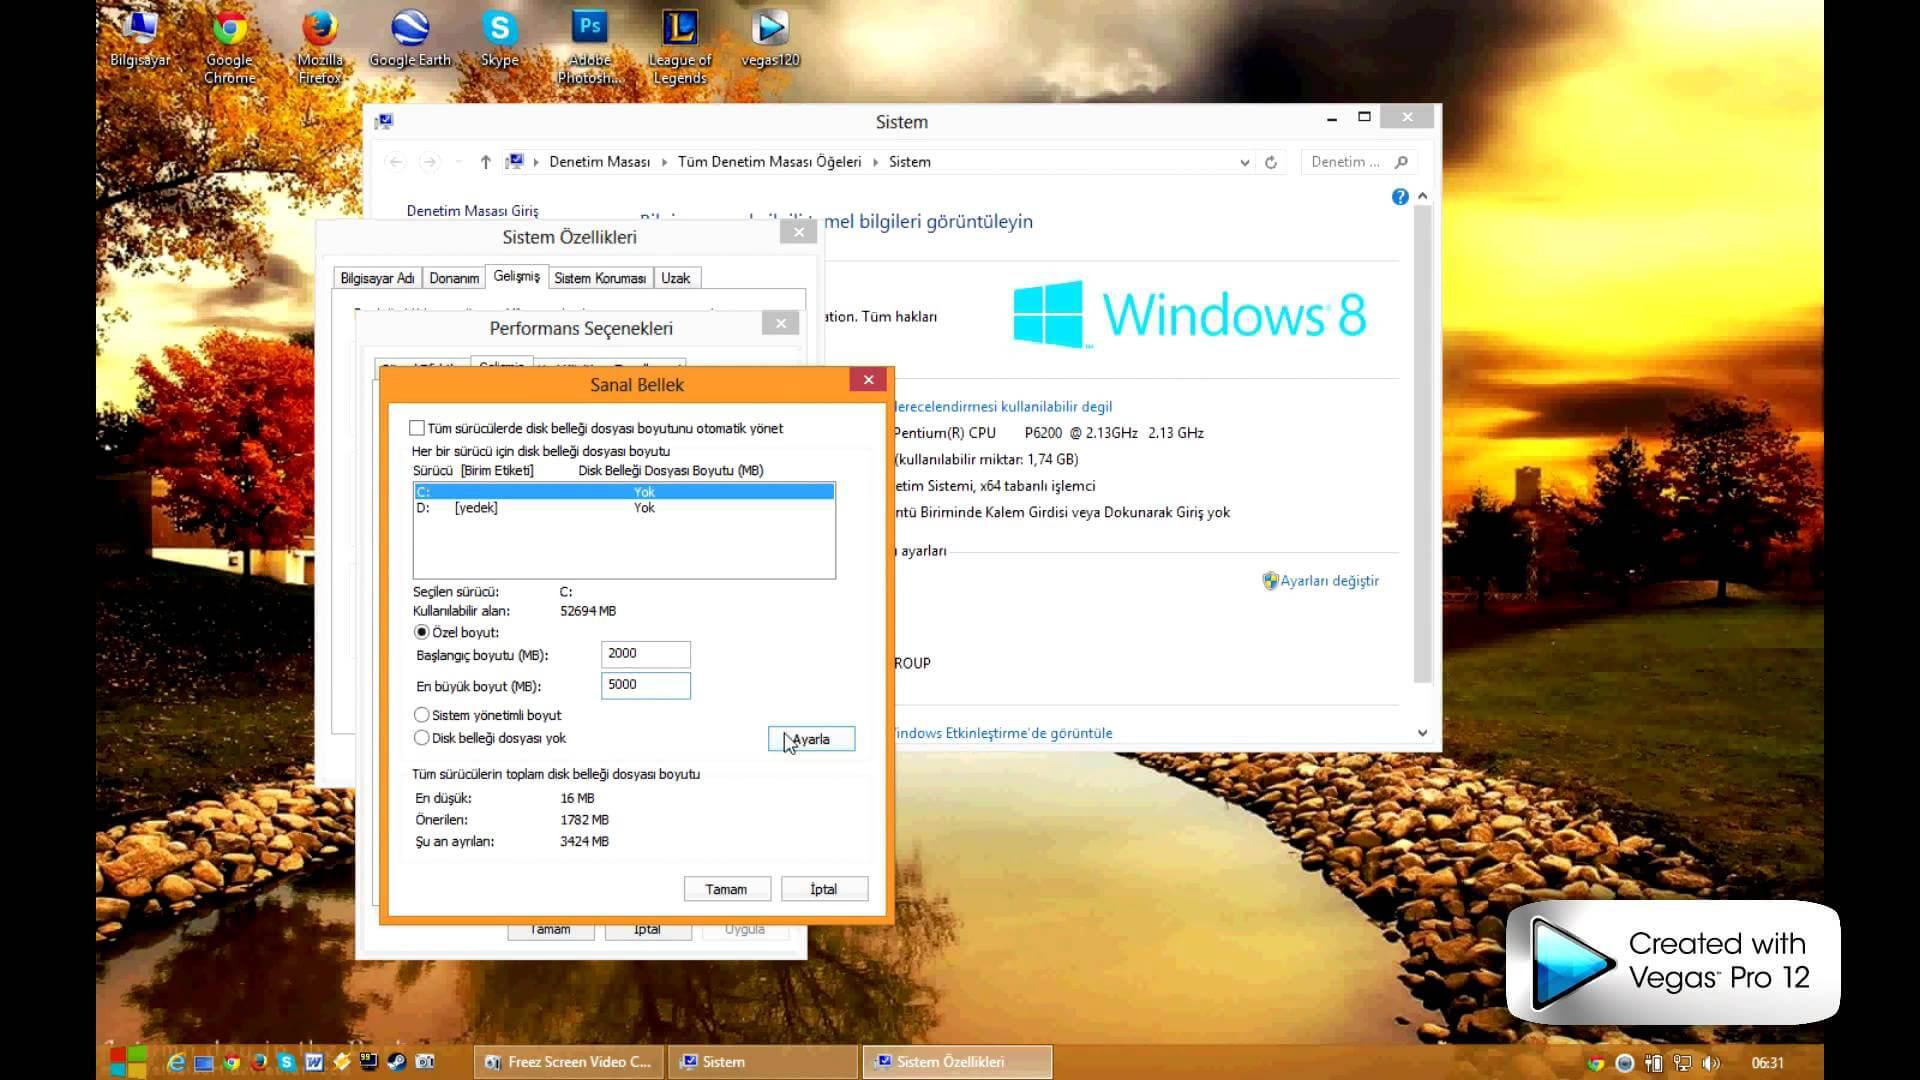 Windows yetersiz bellek sorunu yetersiz bellek sorunu Windows Yetersiz Bellek Sorunu yetersiz bellek sorunu